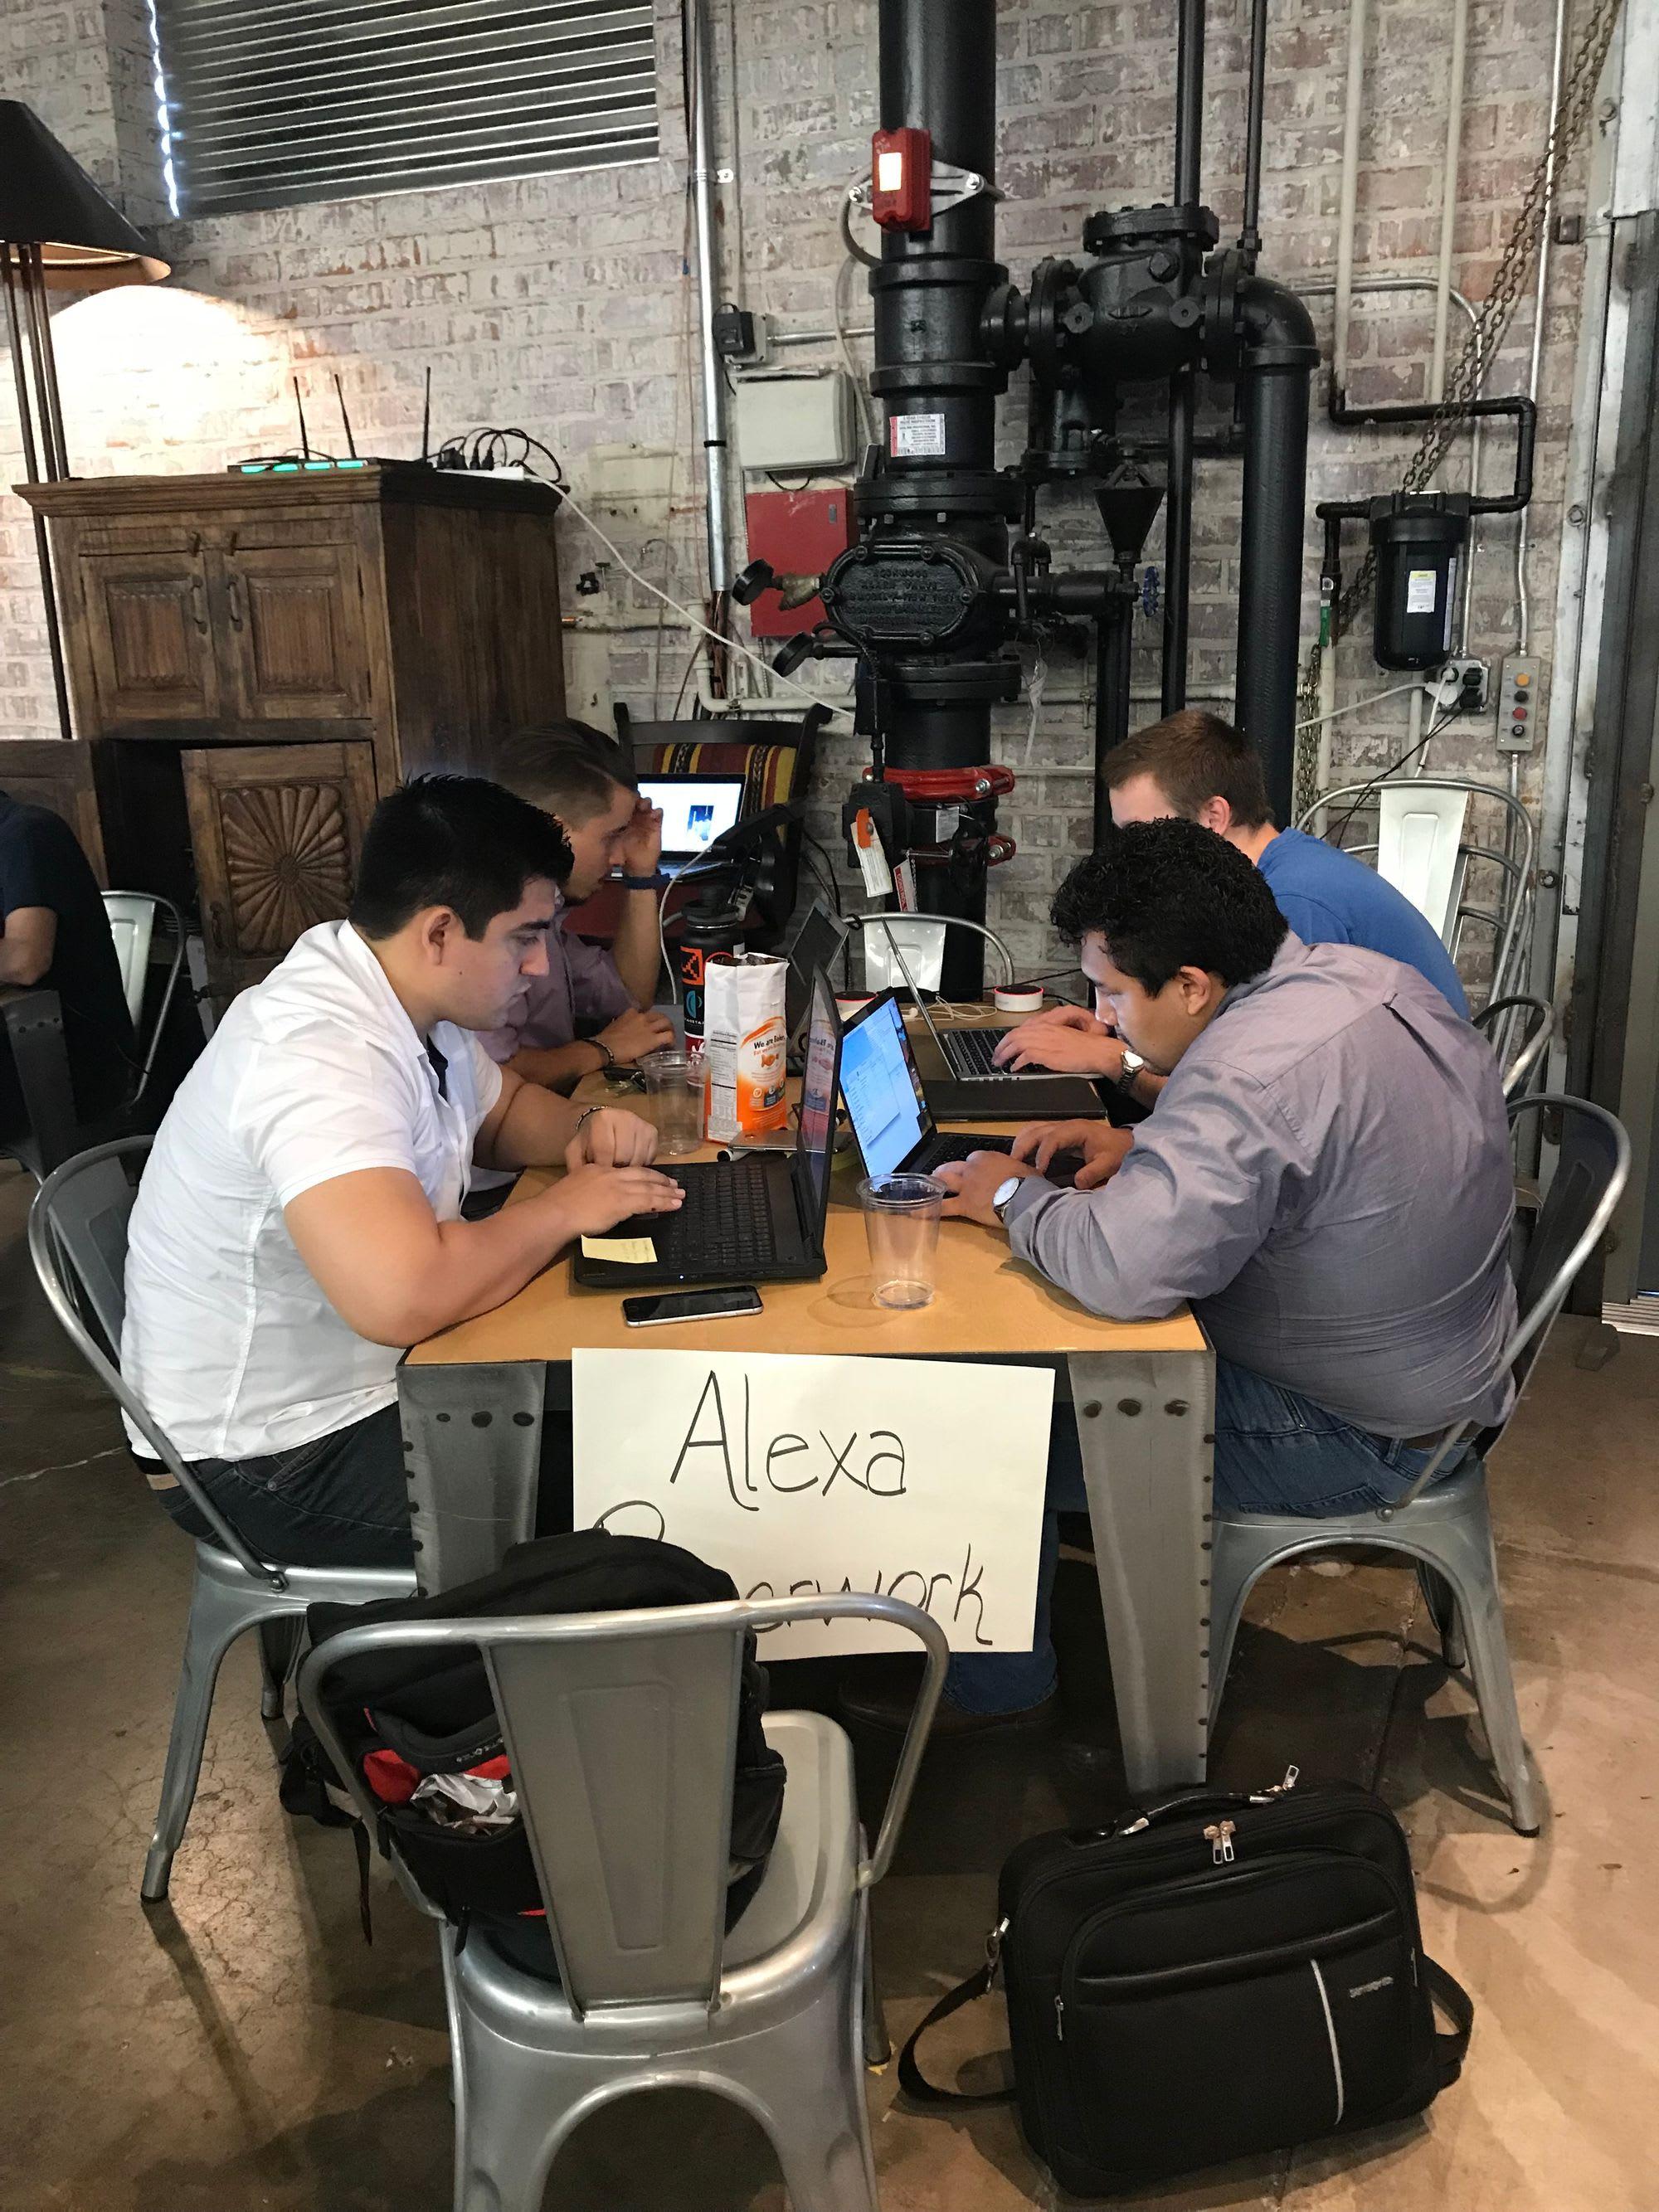 En tecnología, sentarnos a esperar ya no es opción para los latinos